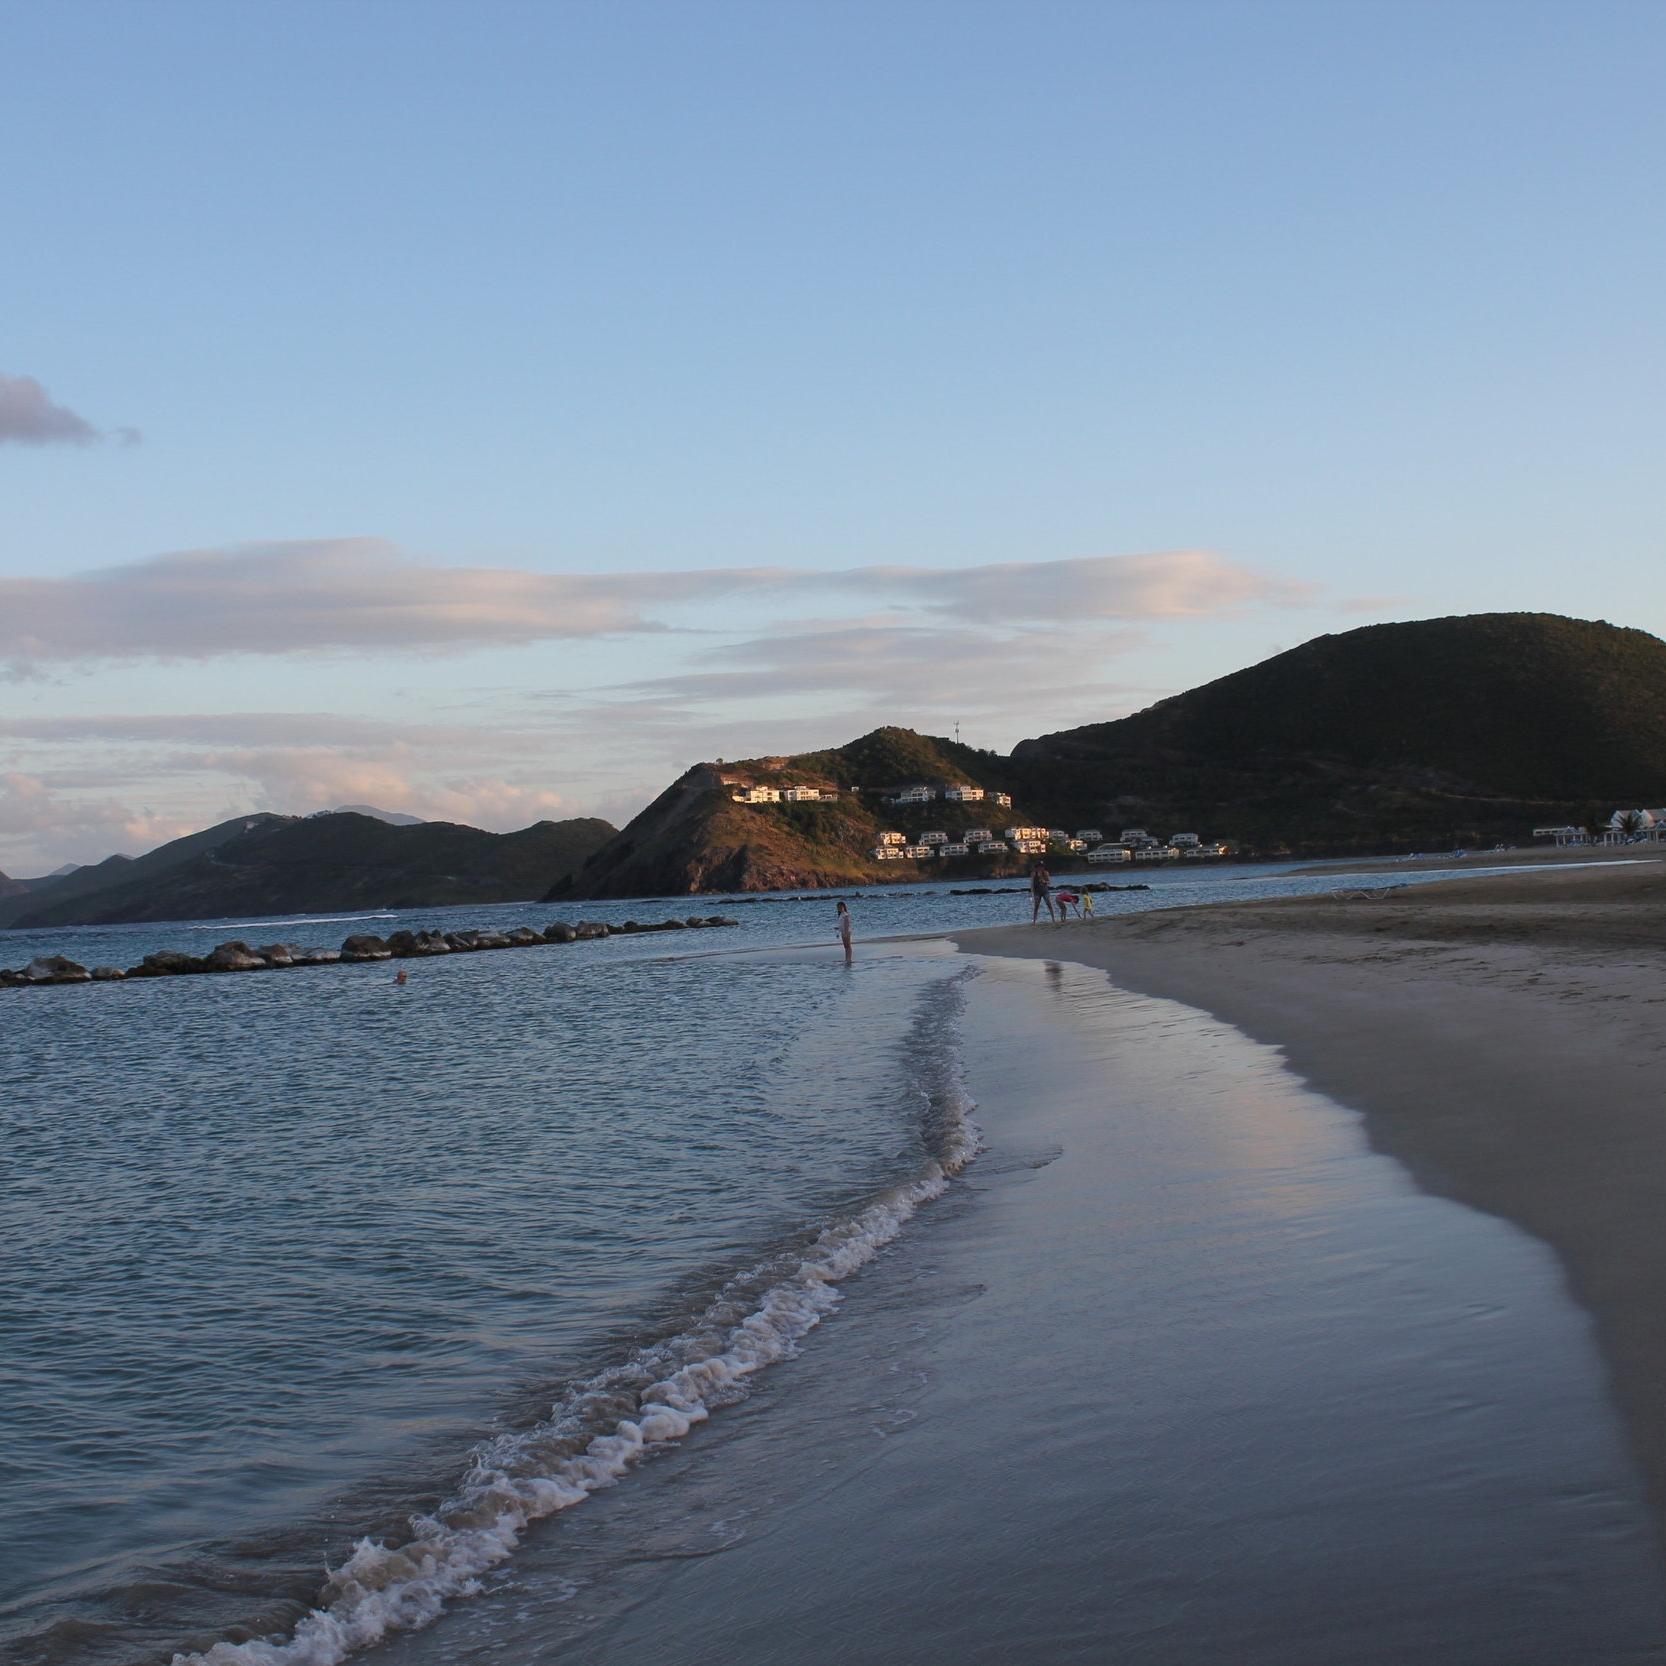 Frigate Bay beach